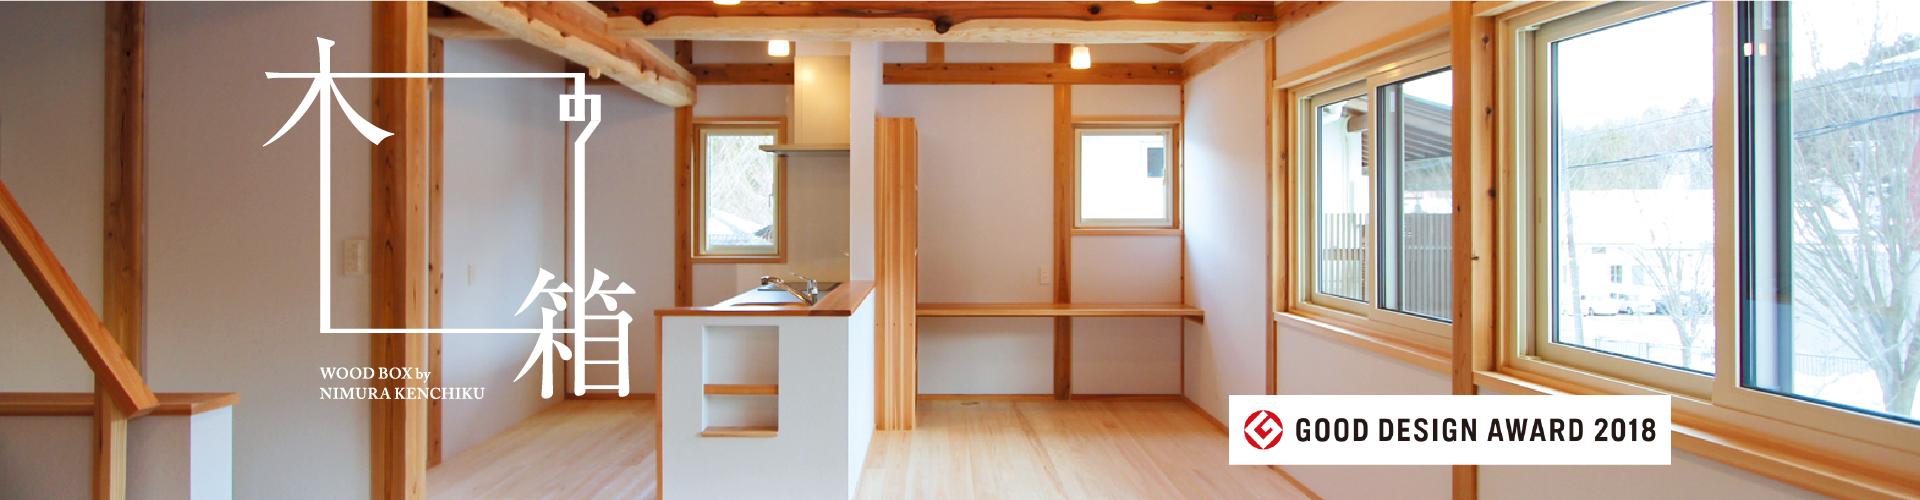 新モデルハウス『木の箱』